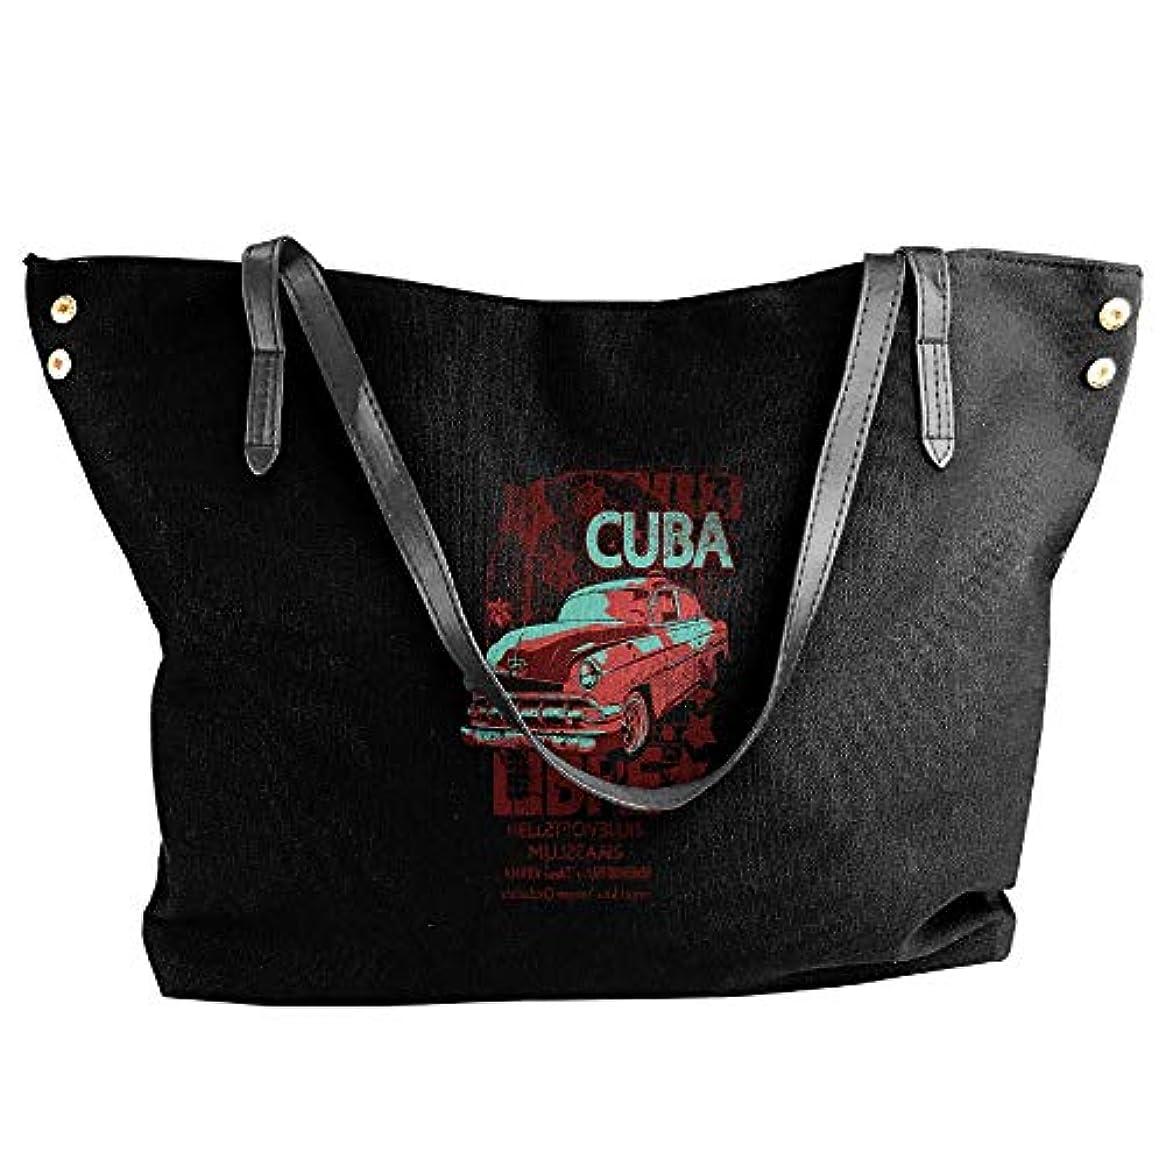 後者マーキーベジタリアン2019最新レディースバッグ ファッション若い女の子ストリートショッピングキャンバスのショルダーバッグ CUBA 人気のバッグ 大容量 リュック